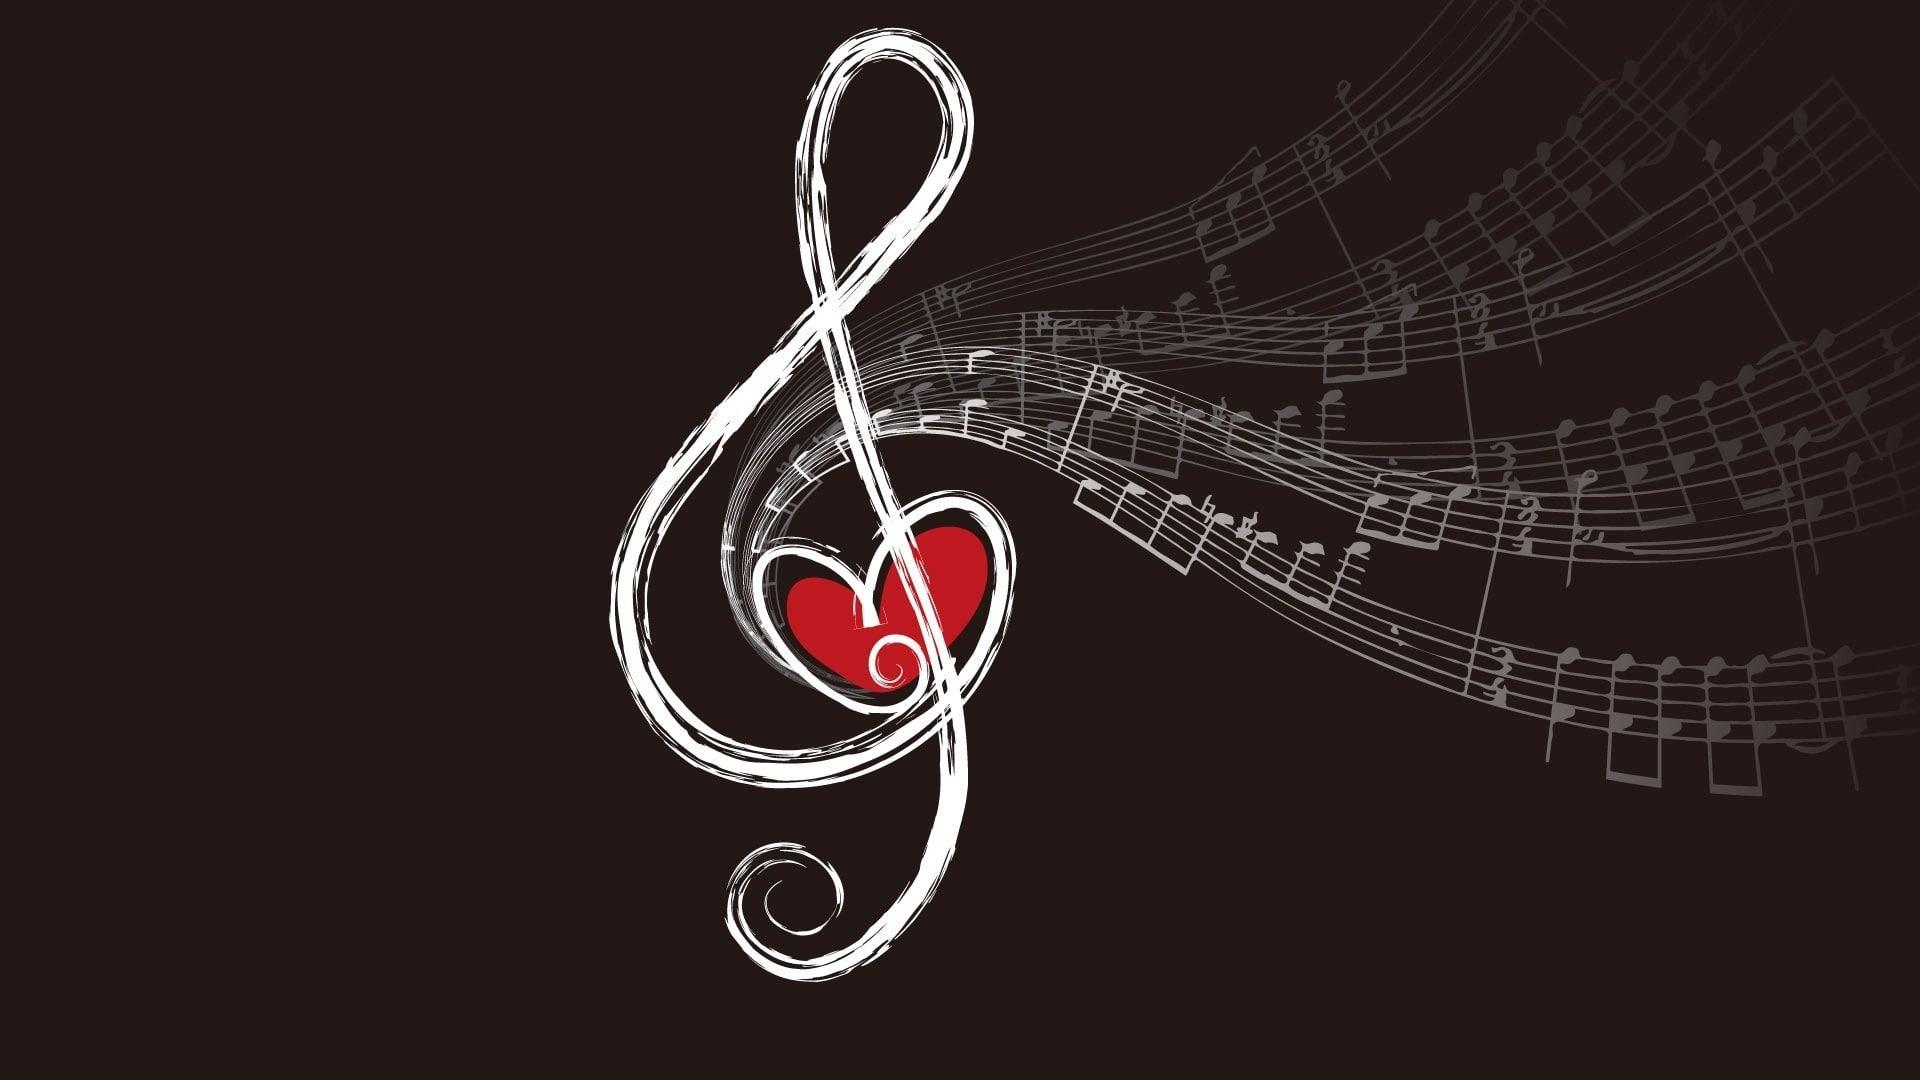 Wallpaper música y corazón